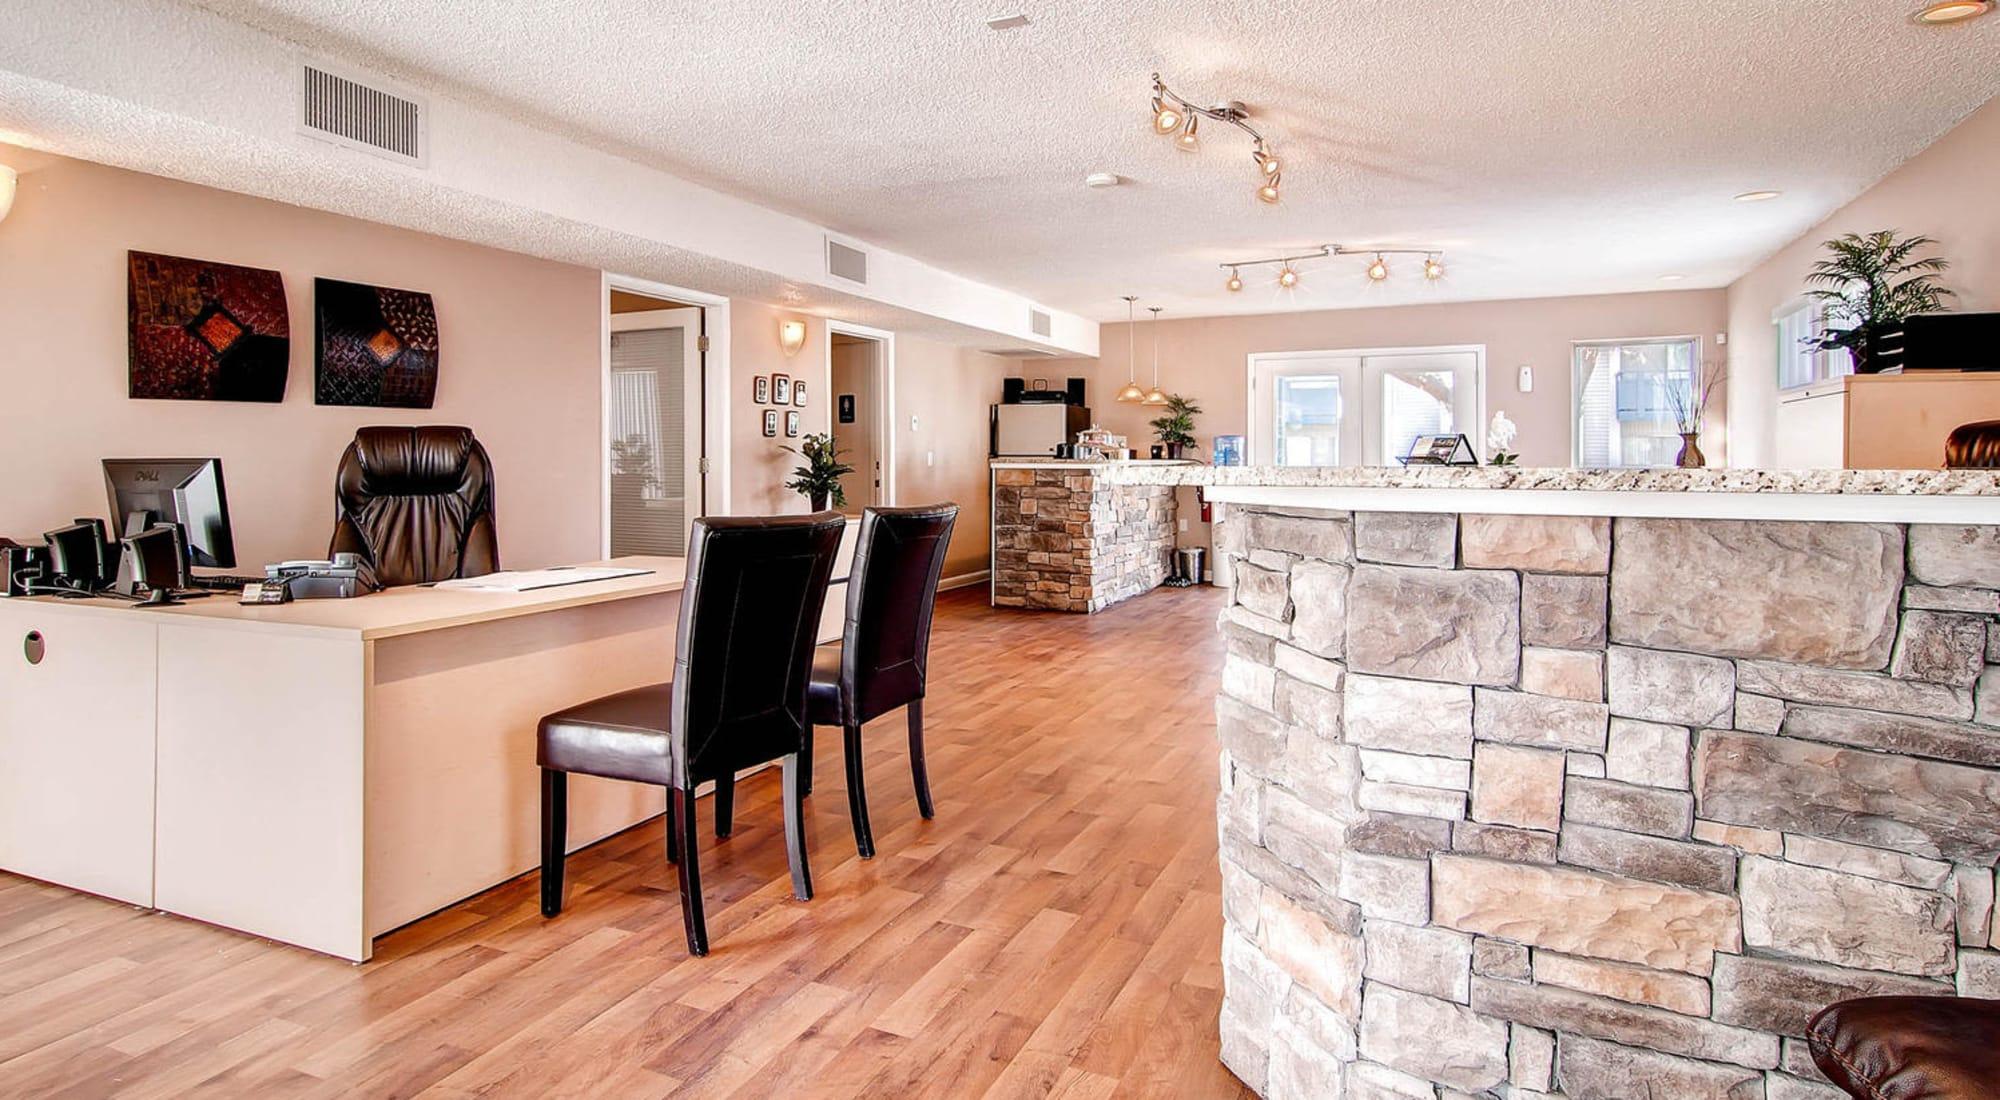 Contact us at Arvada Village Apartment Homes in Arvada, Colorado